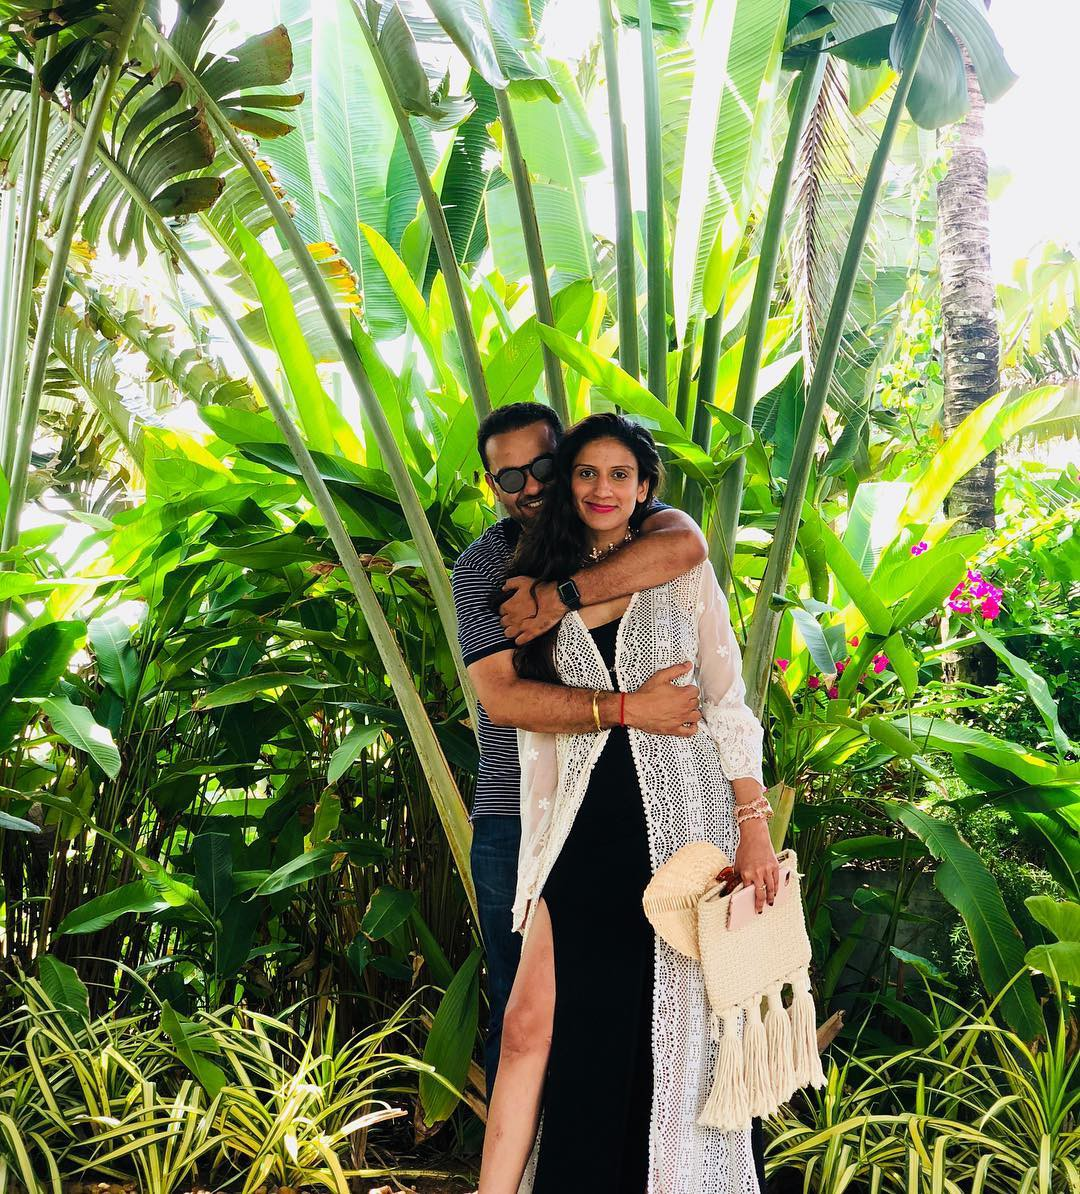 Đại gia Ấn Độ sẽ tổ chức tiệc cưới sang trọng trên đảo ngọc Phú Quốc: 7 ngày tại khách sạn 5 sao, thuê 2 máy bay để chở họ hàng sang tham dự - Ảnh 4.